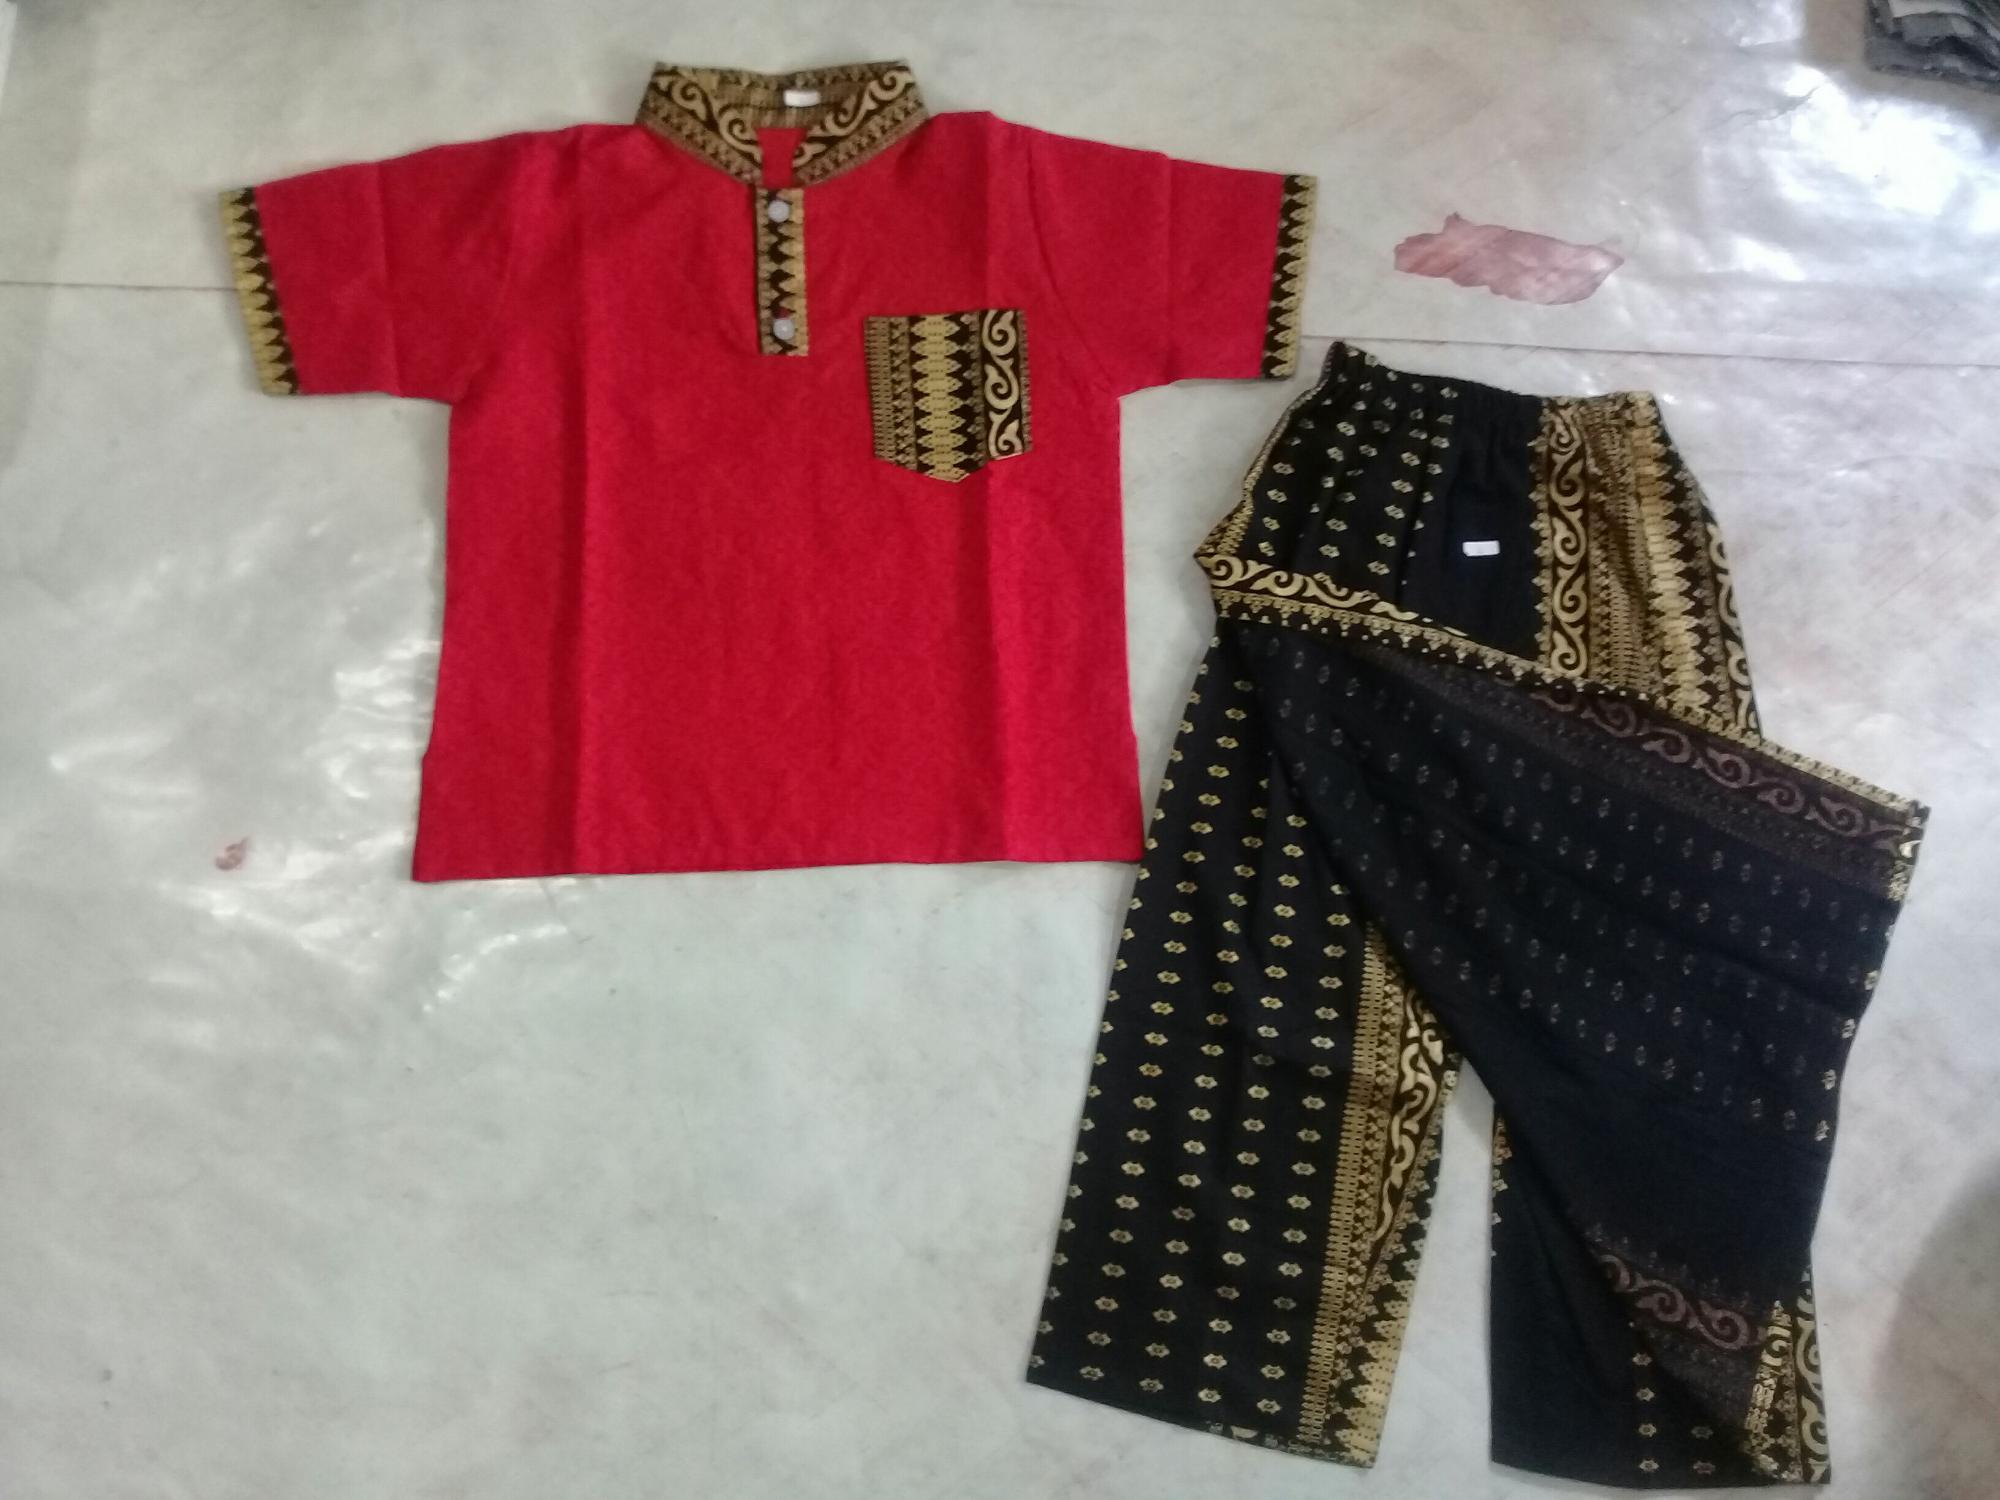 Beli Sarcelko Sarung Celana Koko Anak Size Xl 7 8Th Pake Kartu Kredit